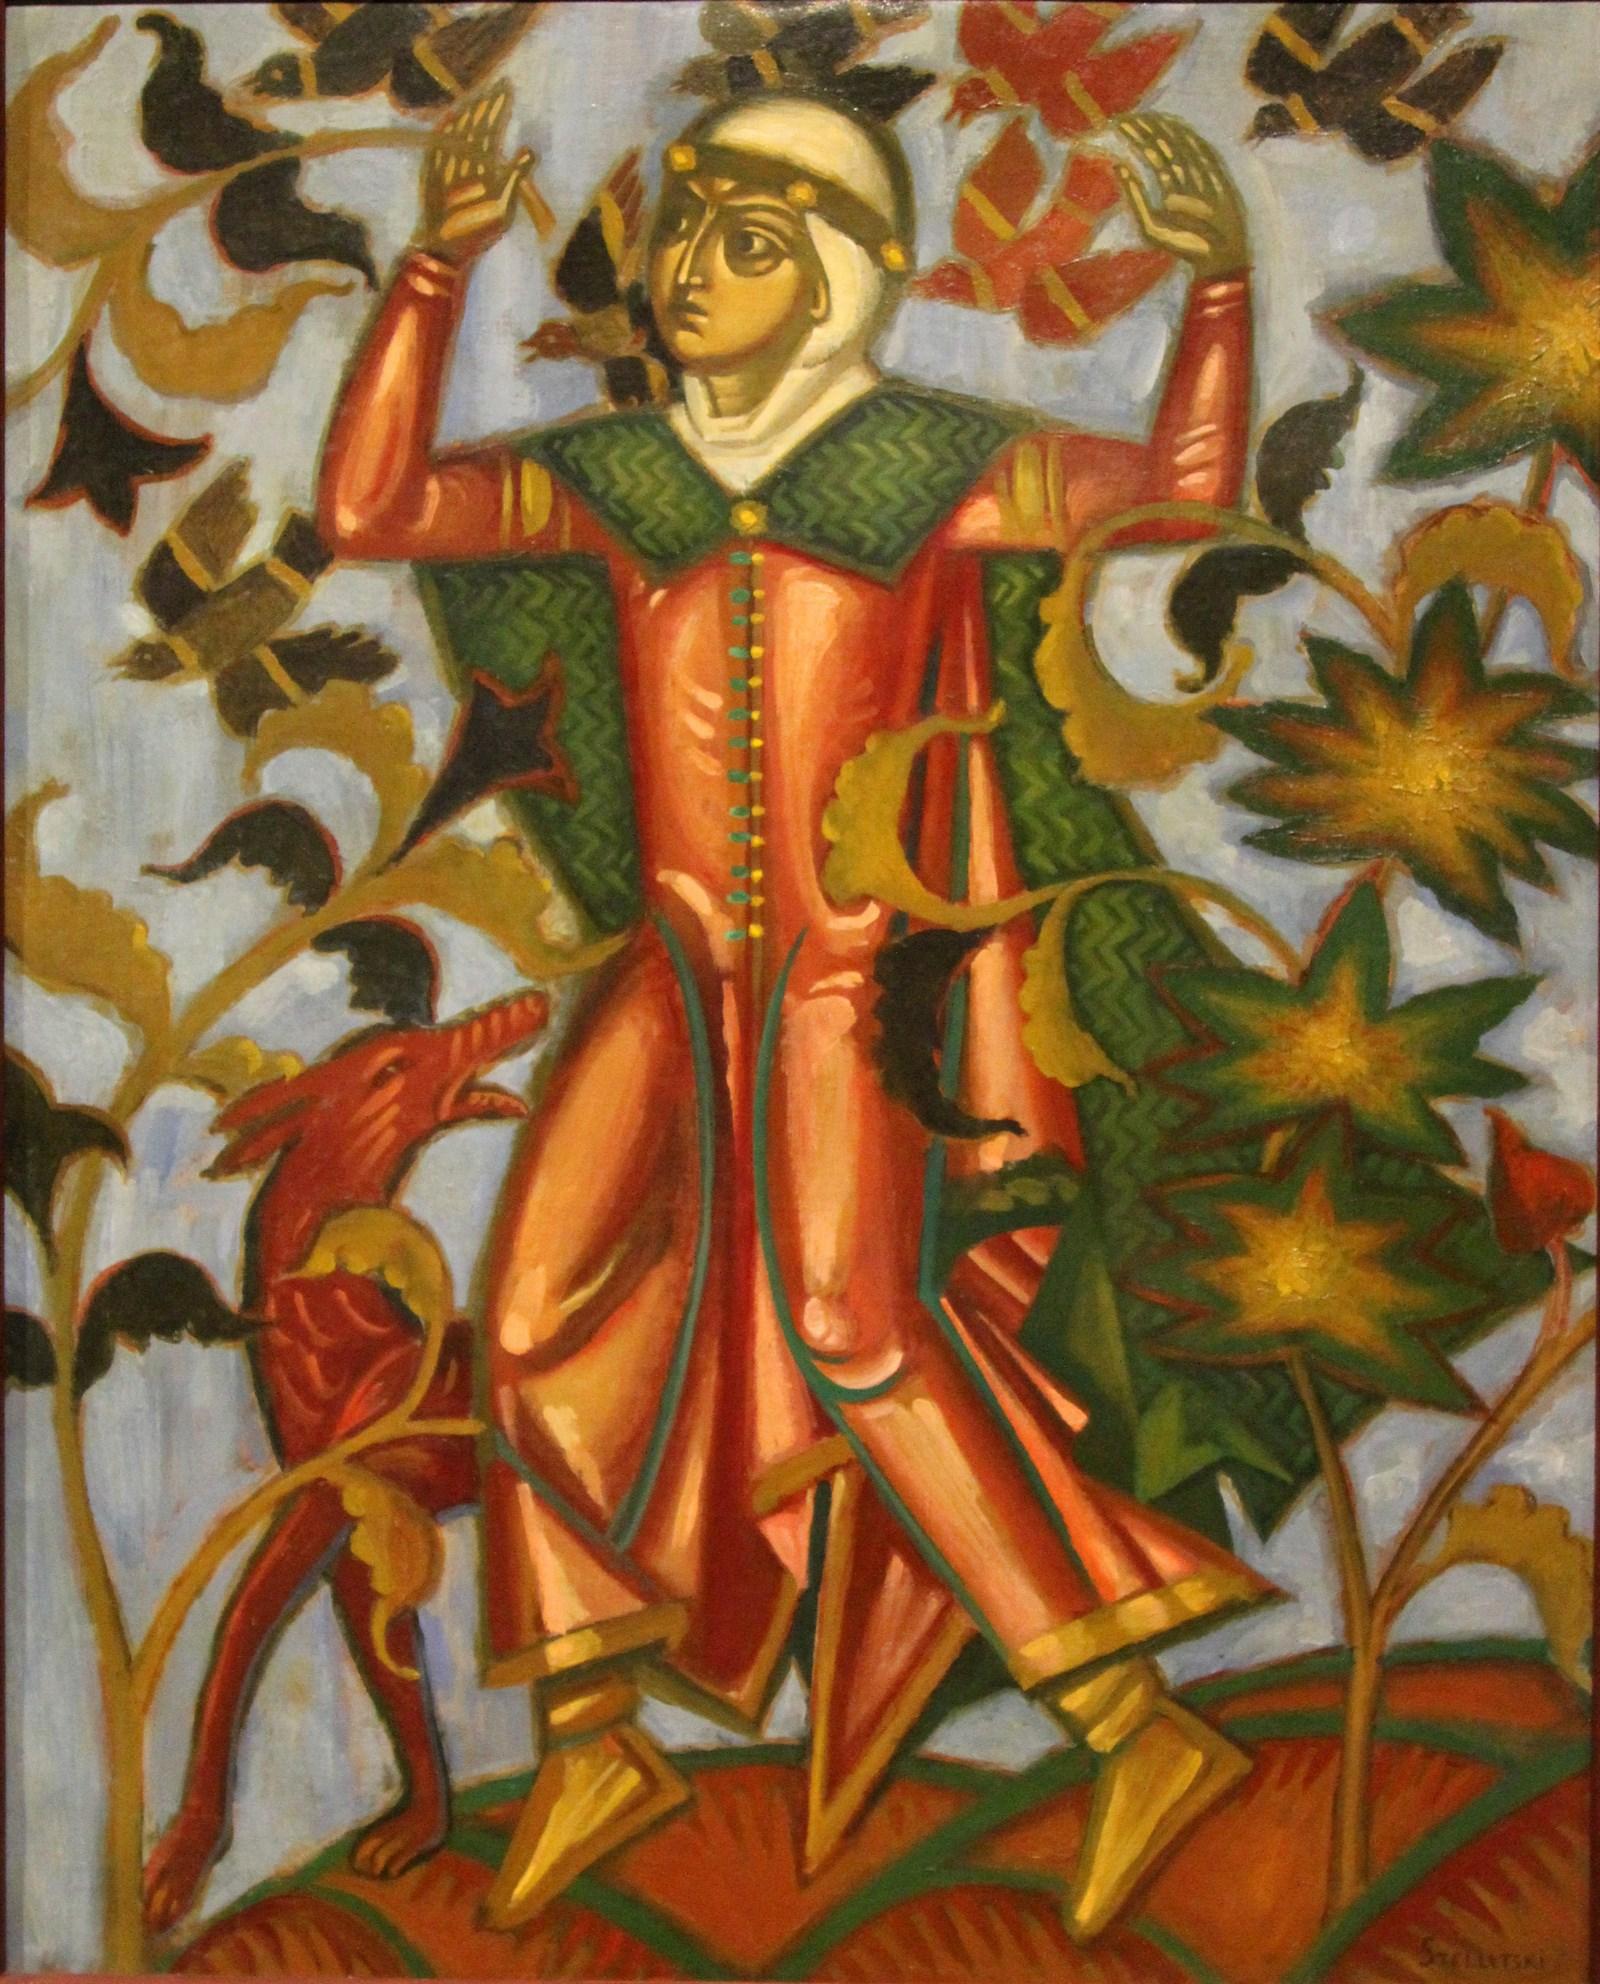 Стеллецкий Д.С. 1875-1947 Сказка. Холст, масло. Из корпоративной коллекции Белгазпромбанка